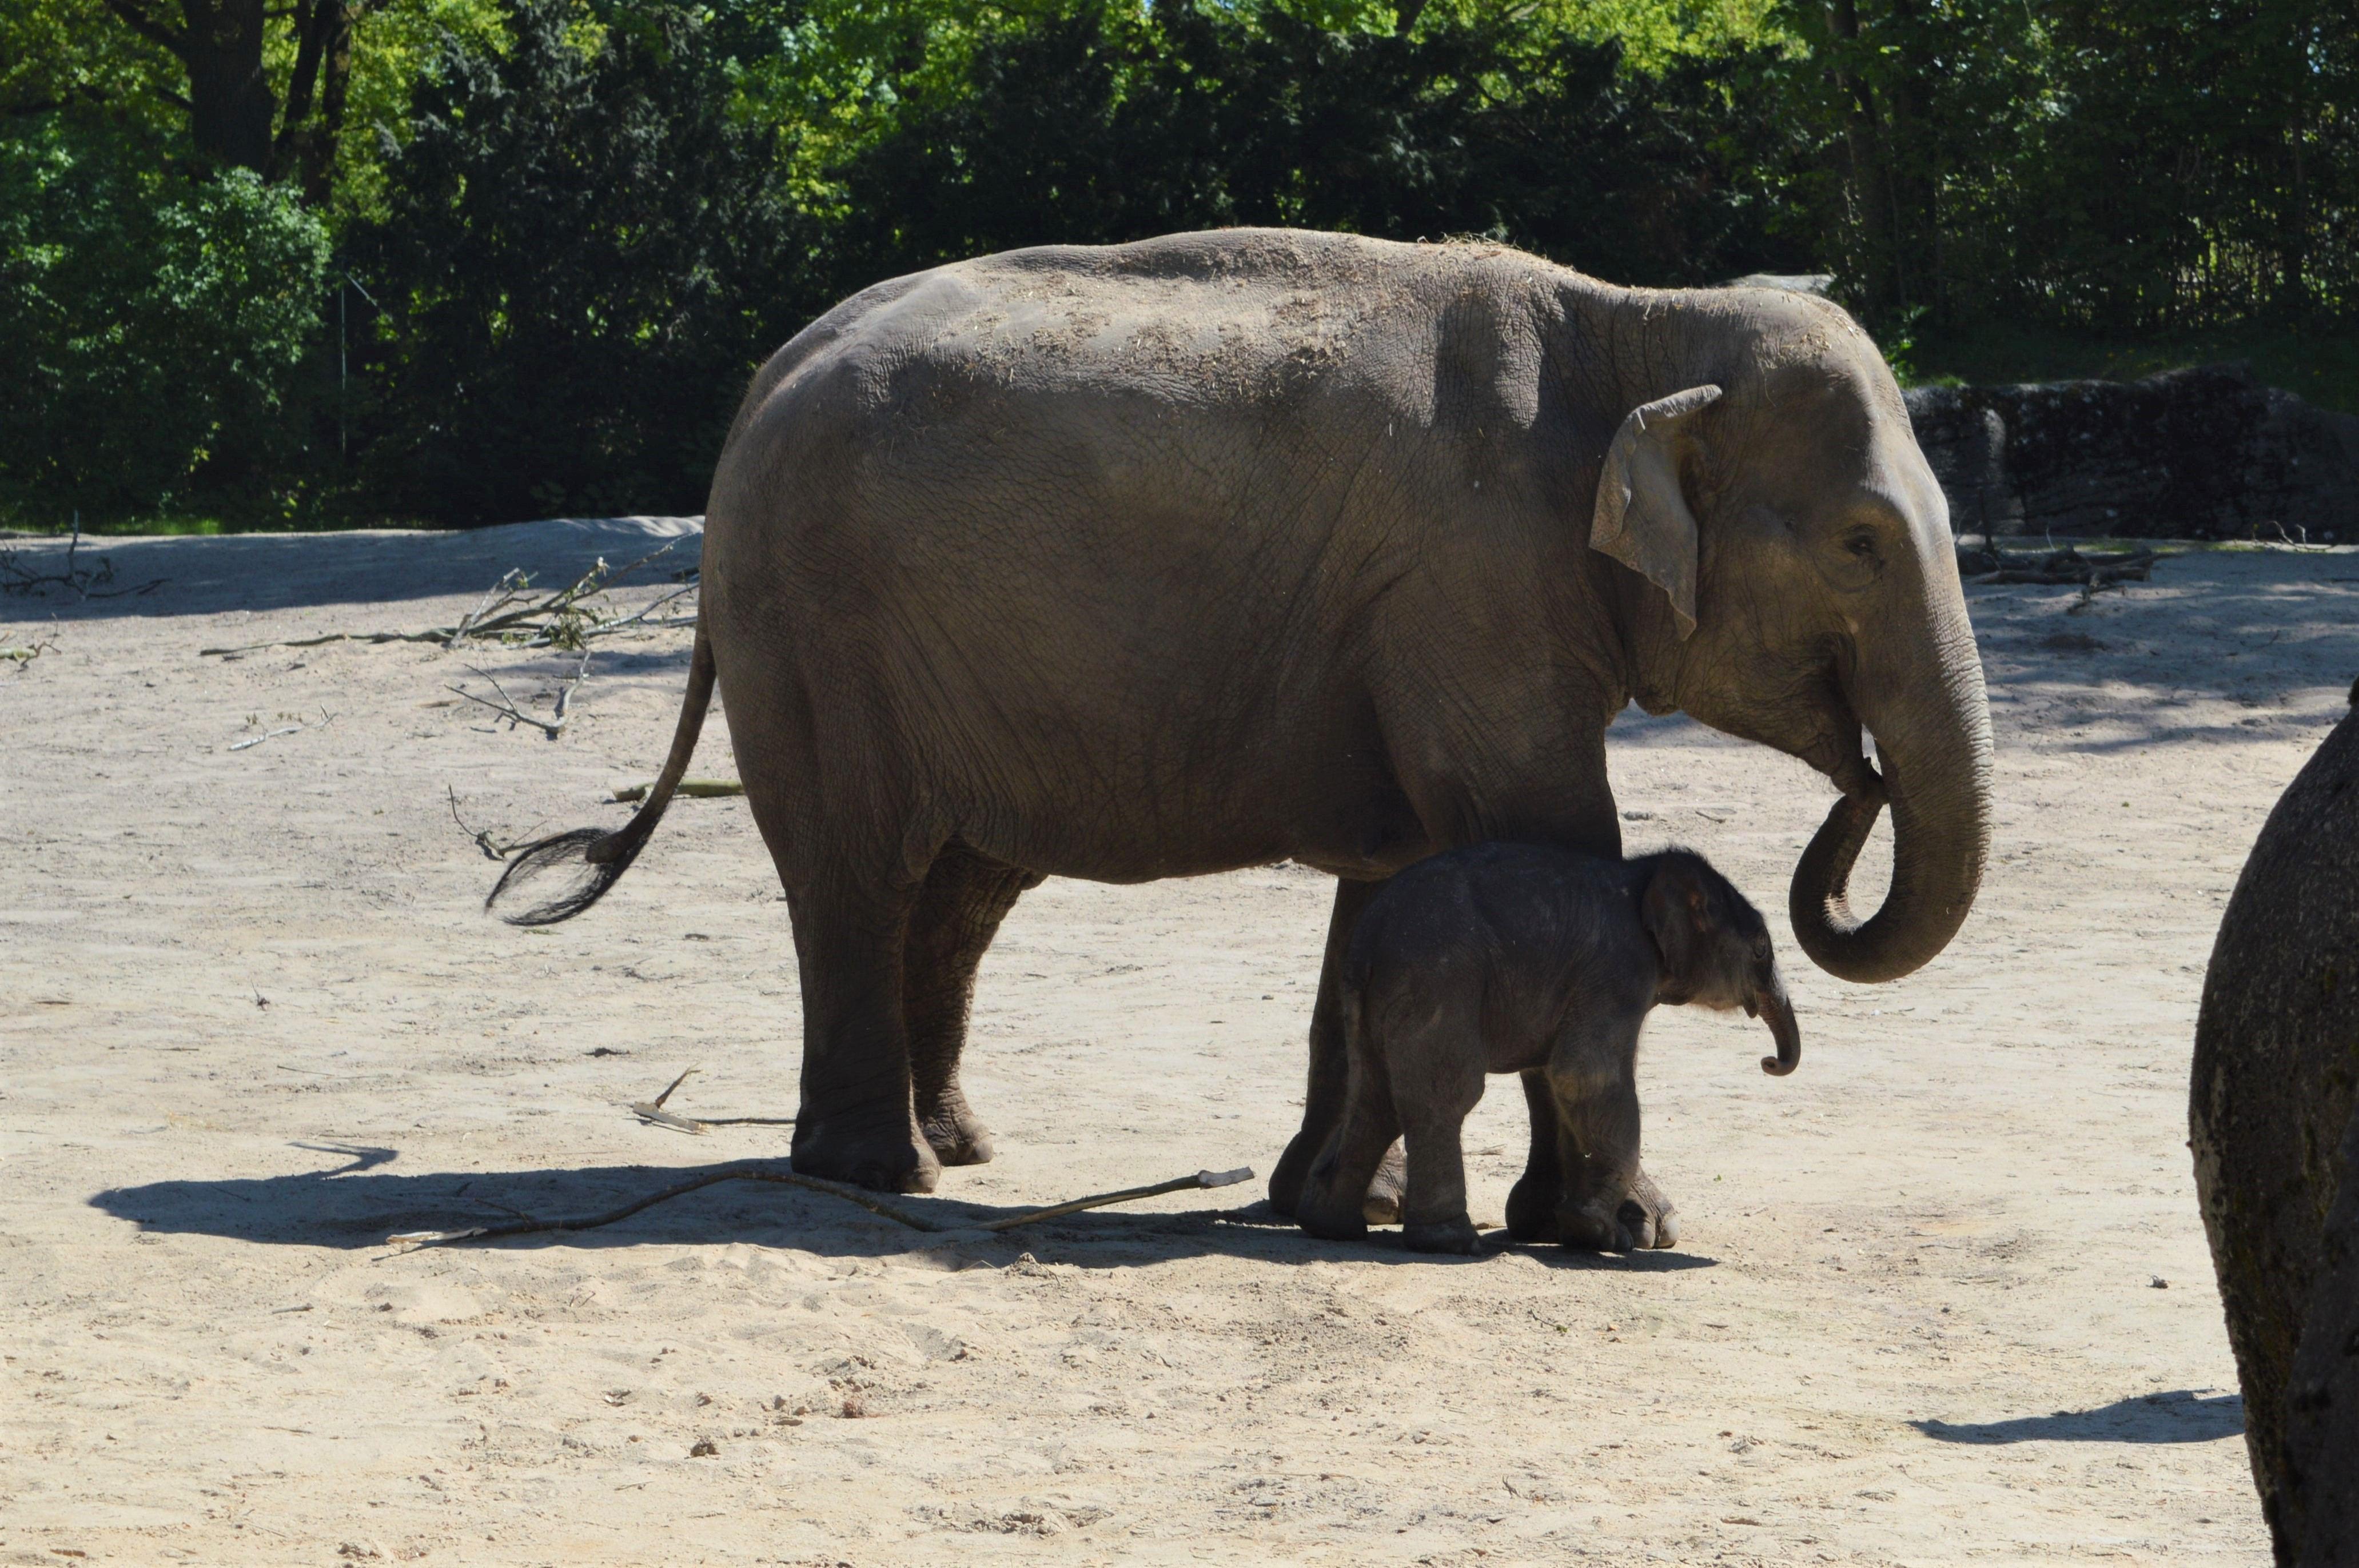 Das neugeborene Babyelefant Brausepaul durfte heute seinen ersten Spraziergang in die Außenanlage machen. Foto: Margarita Ilieva